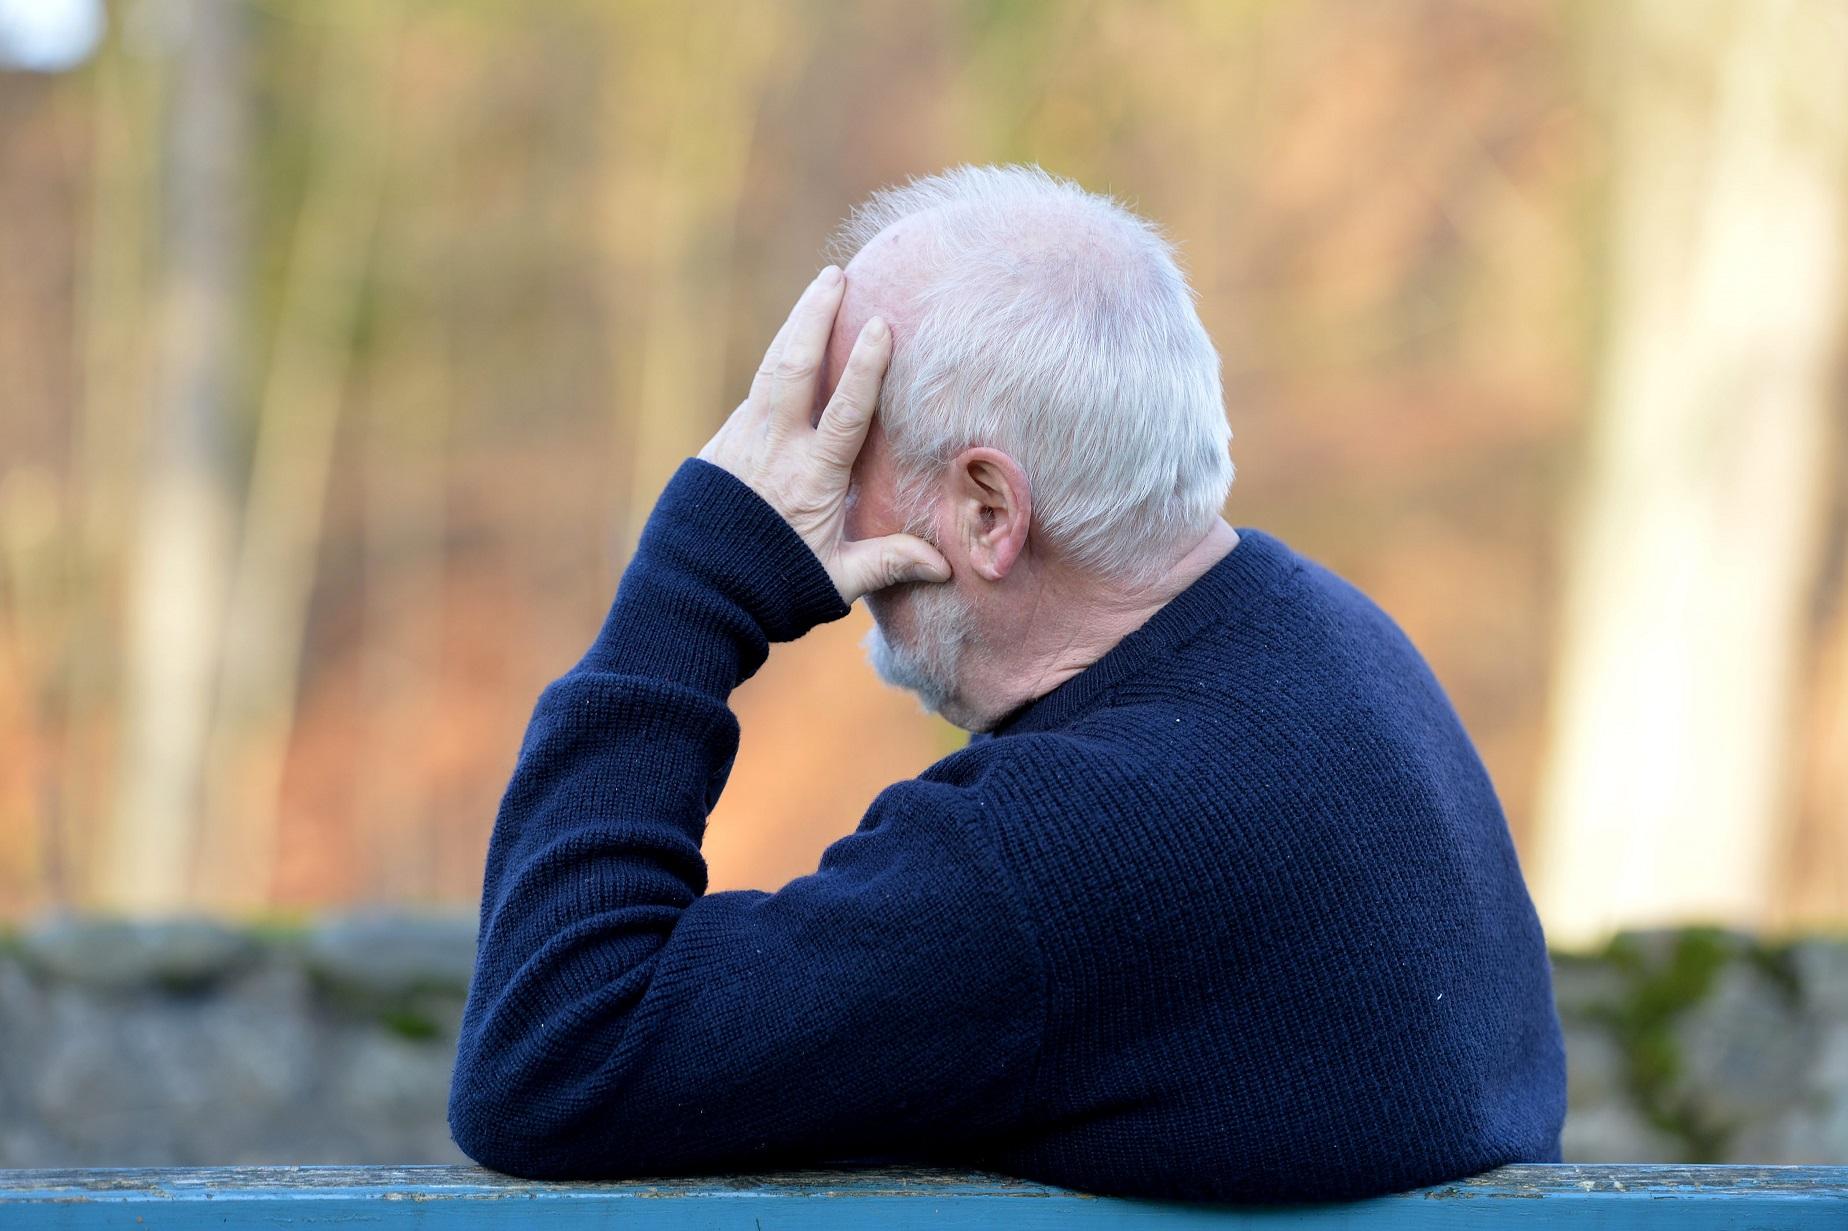 Reforma da Previdência: aposentadoria chega antes da morte em 36 distritos de SP. Foto de FRANK MAY / picture alliance / DPA